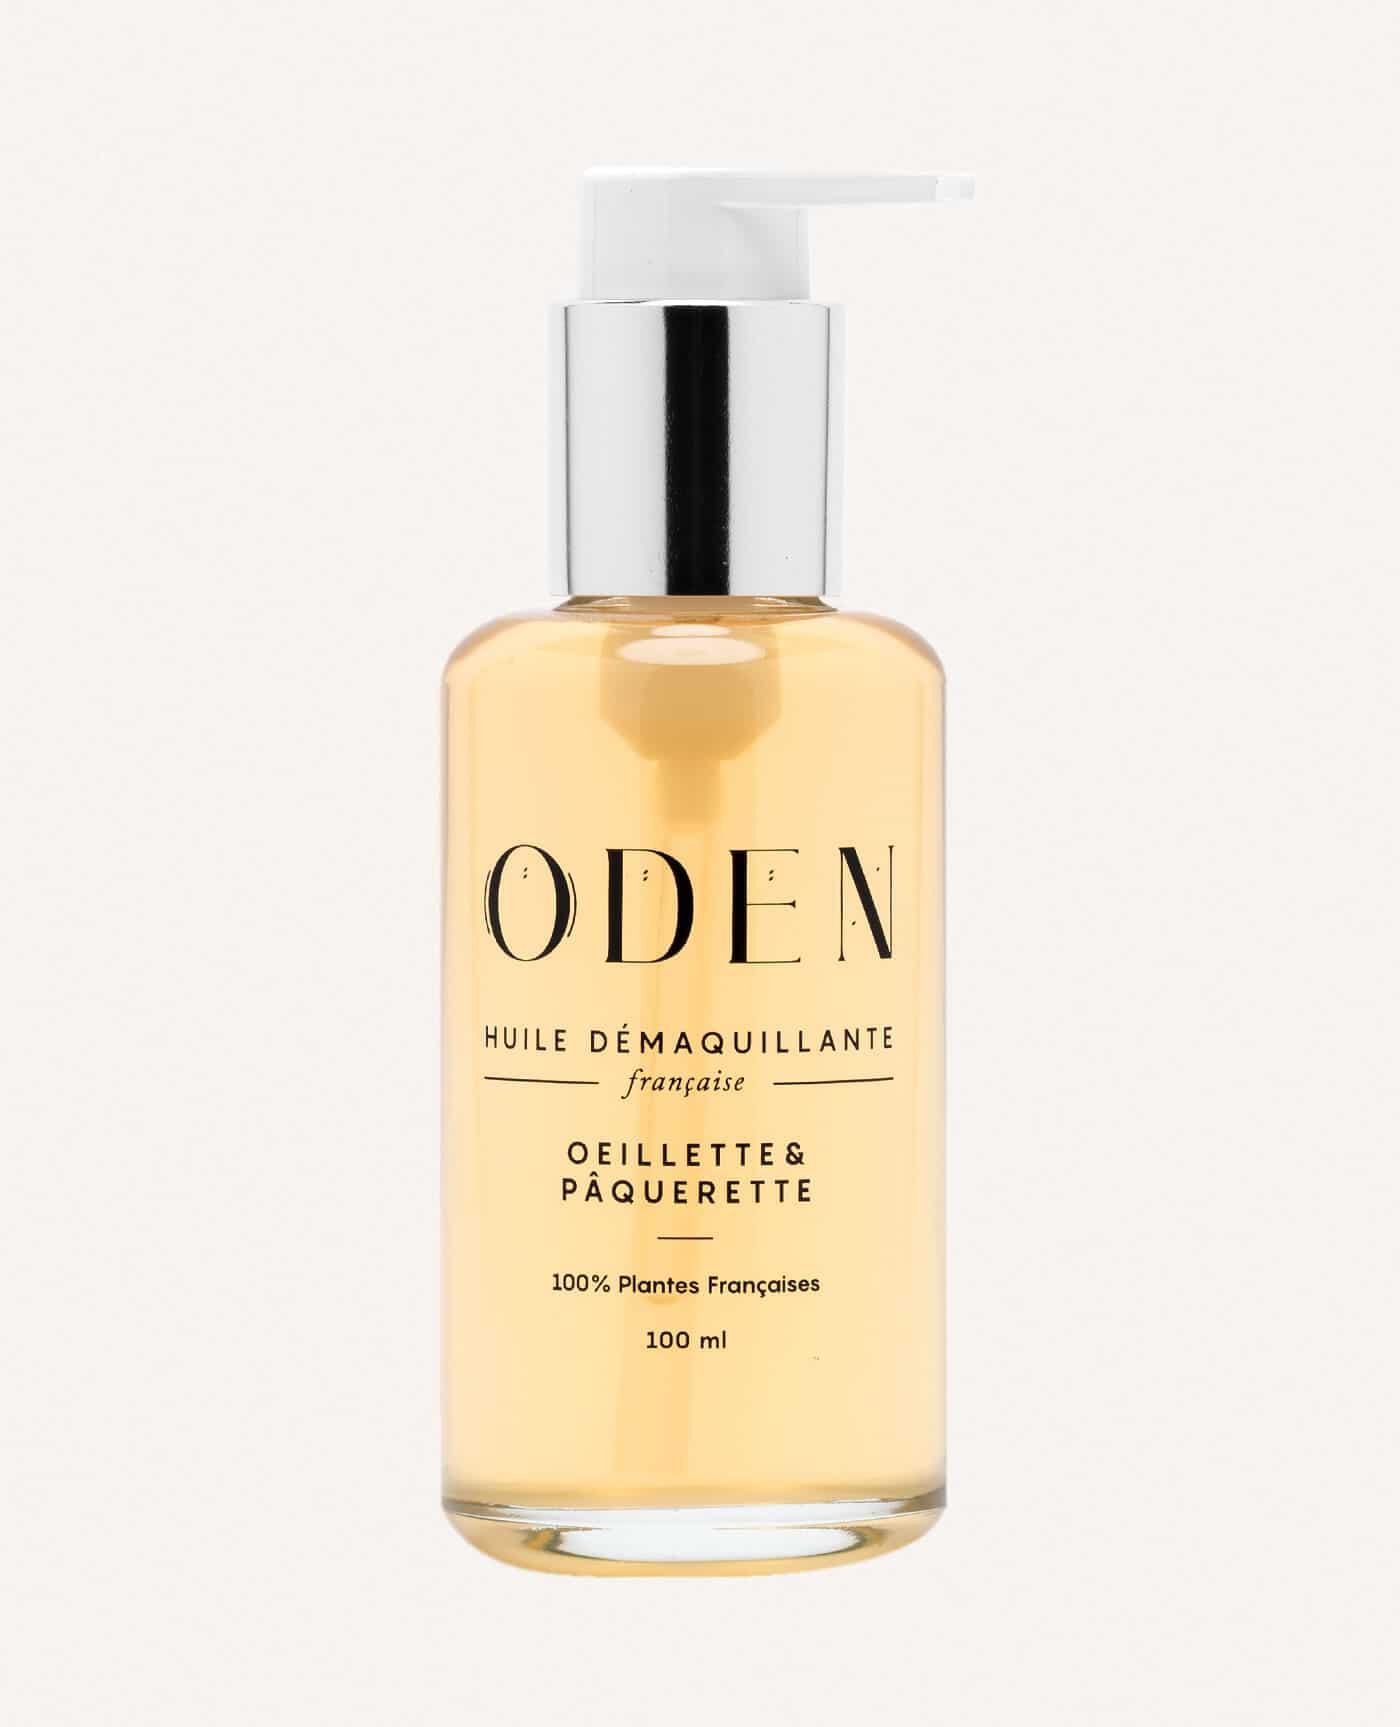 Huile démaquillante française naturelle et vegan de la marque Oden made in france